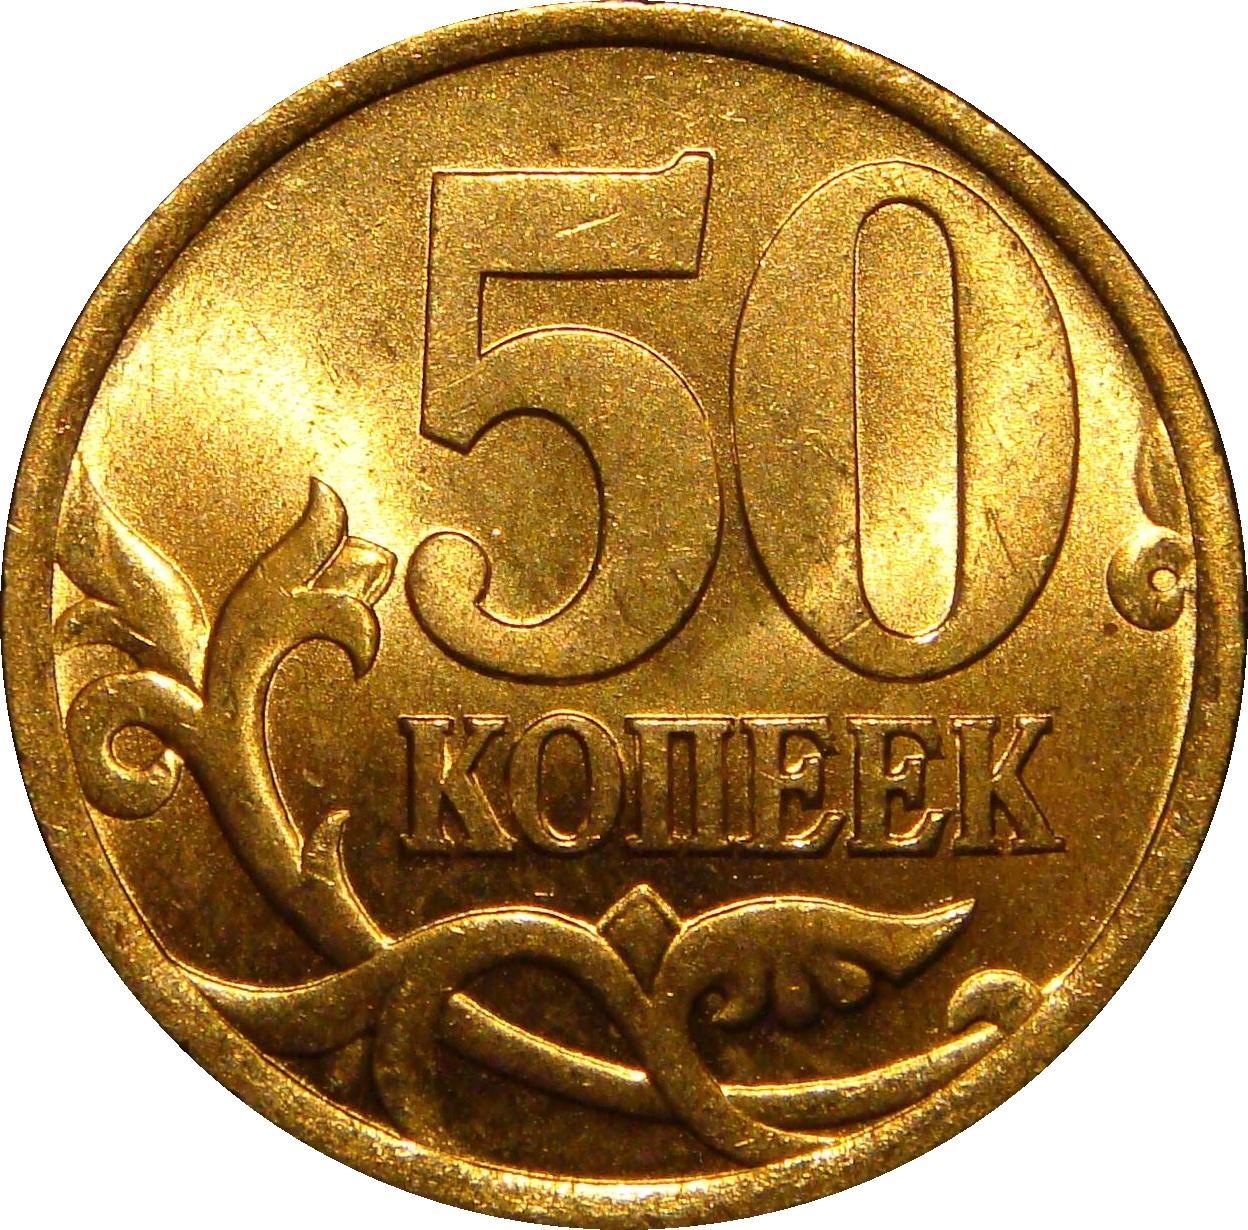 Монета 50 копеек 2003 года. Цена и стоимость на рынке в России